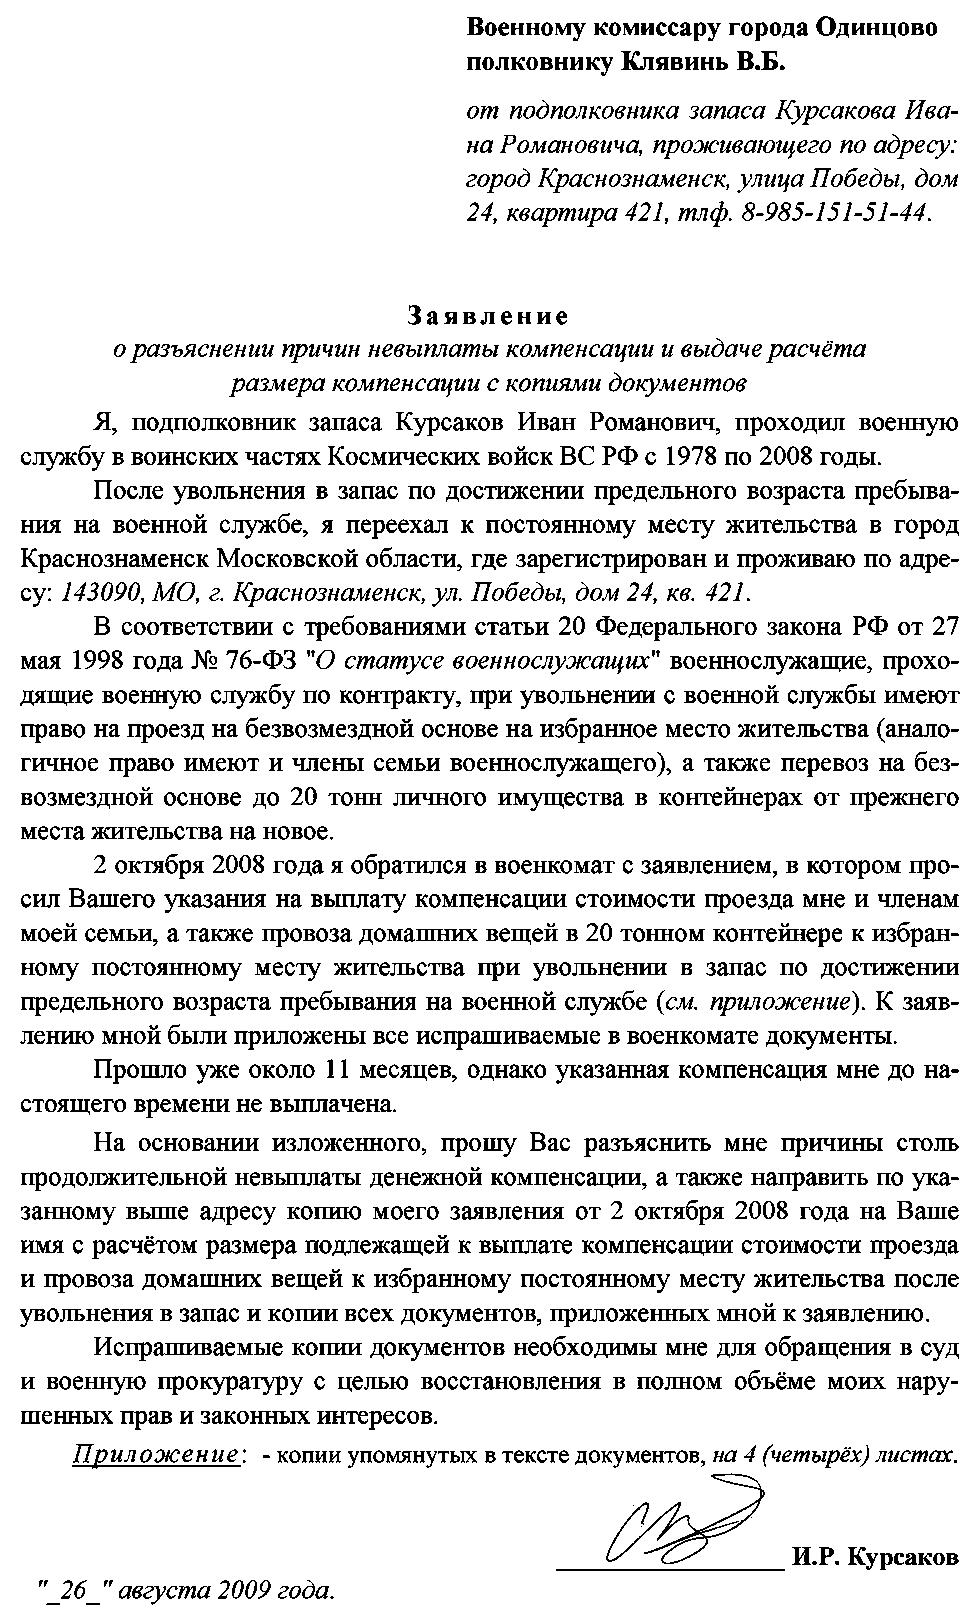 Как выглядит повестка в армию в россии